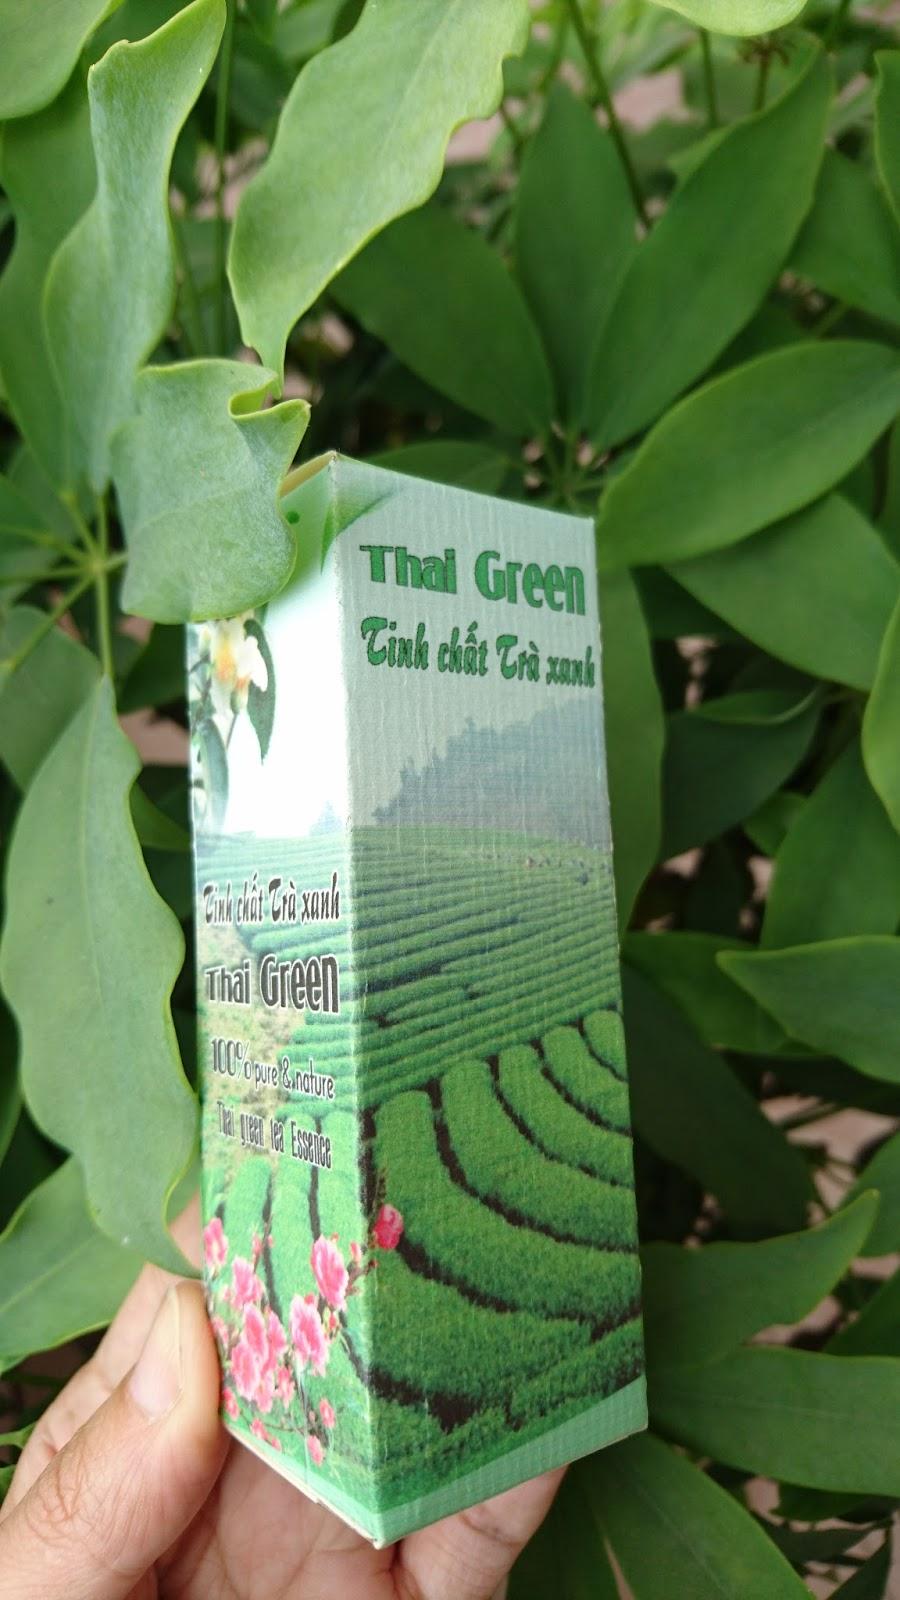 DSC_0235 Dưỡng da với chè xanh – Green Tea Trị mụn trứng cá, giảm nếp nhăn, chống lão hóa cho da, chống nám. Trị mụn trứng cá, giảm nếp nhăn, chống lão hóa cho da, chống nám.